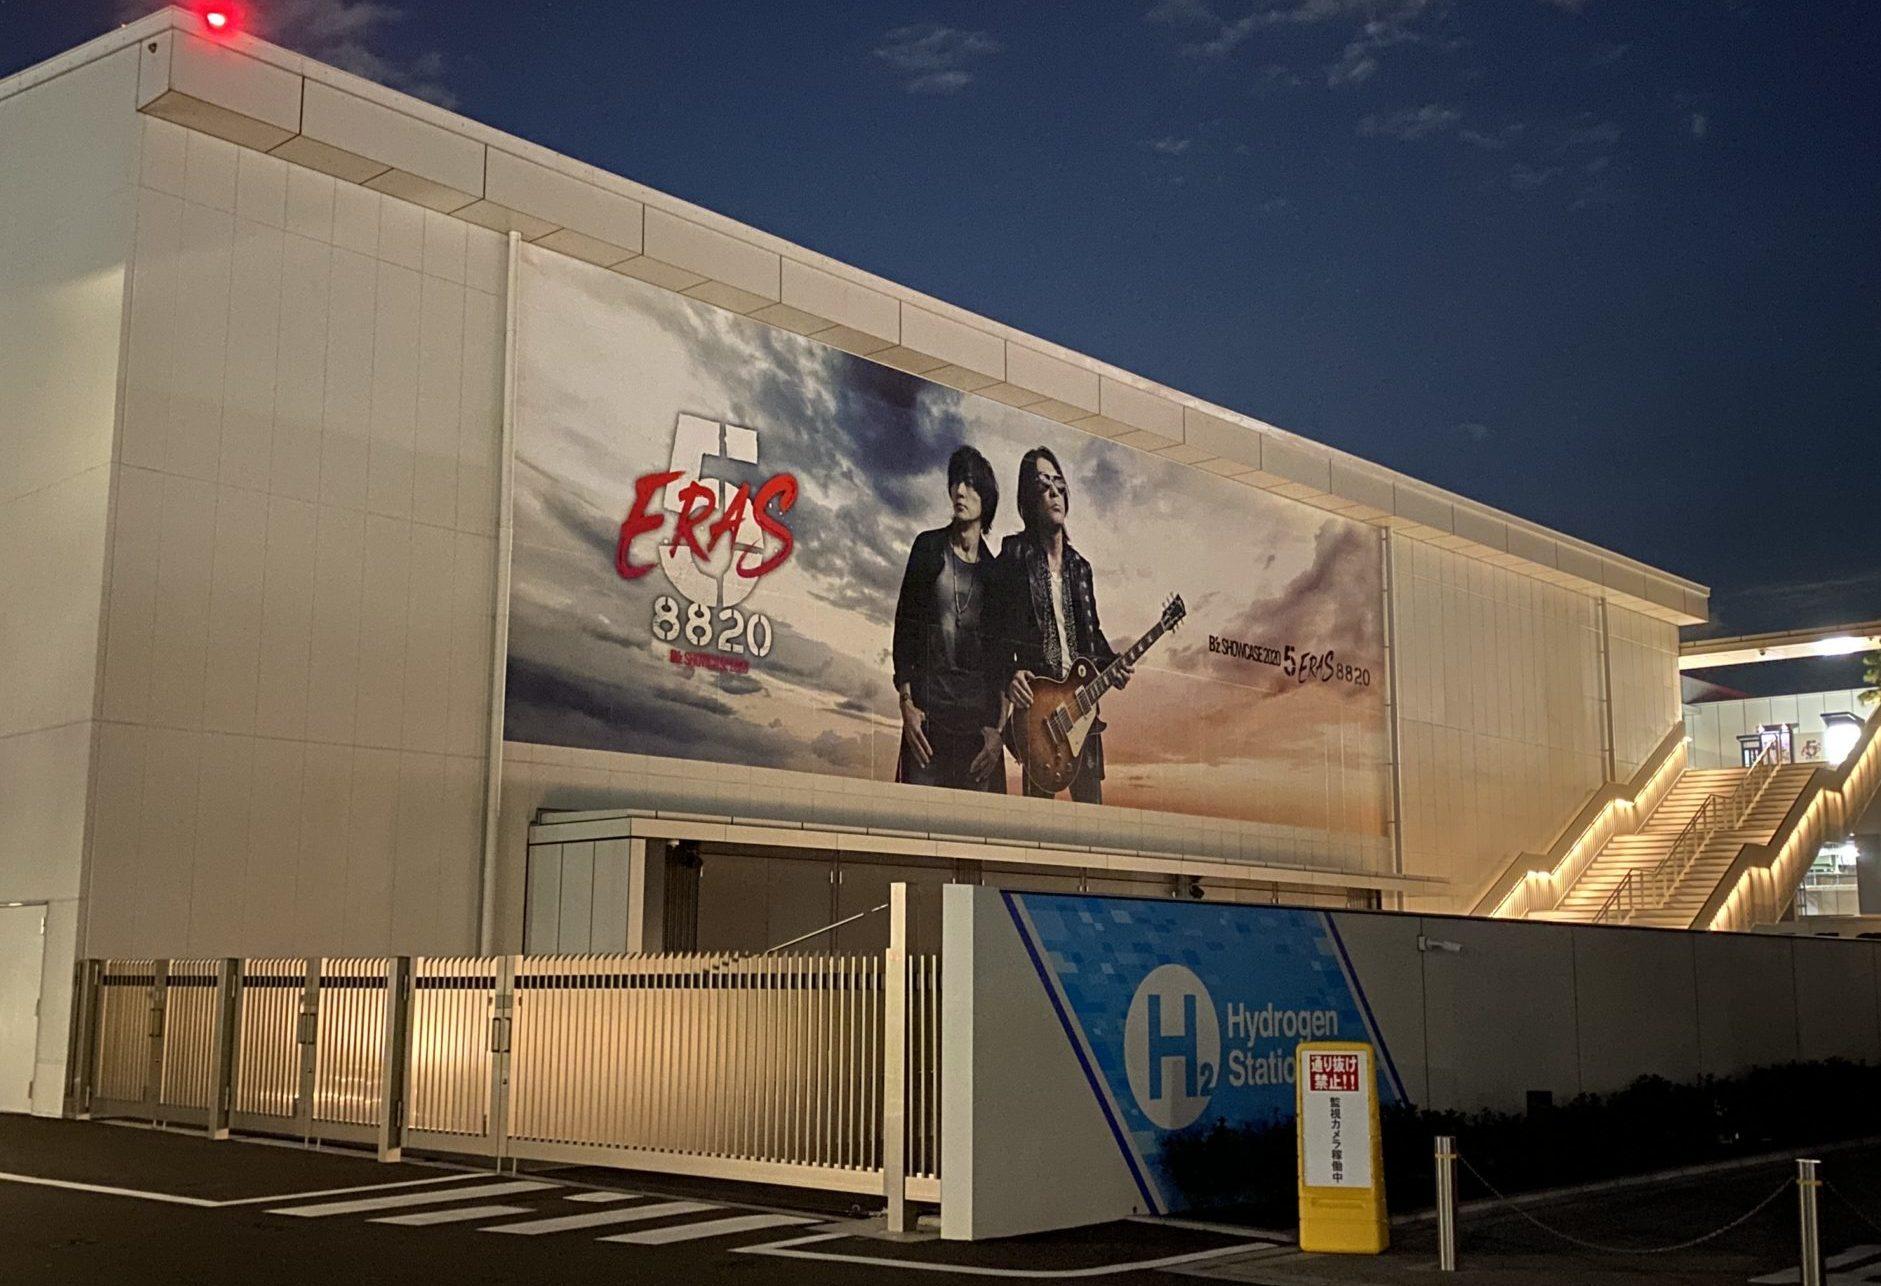 Zepp Haneda(TOKYO)の外壁に写る「B'z」のイメージ写真